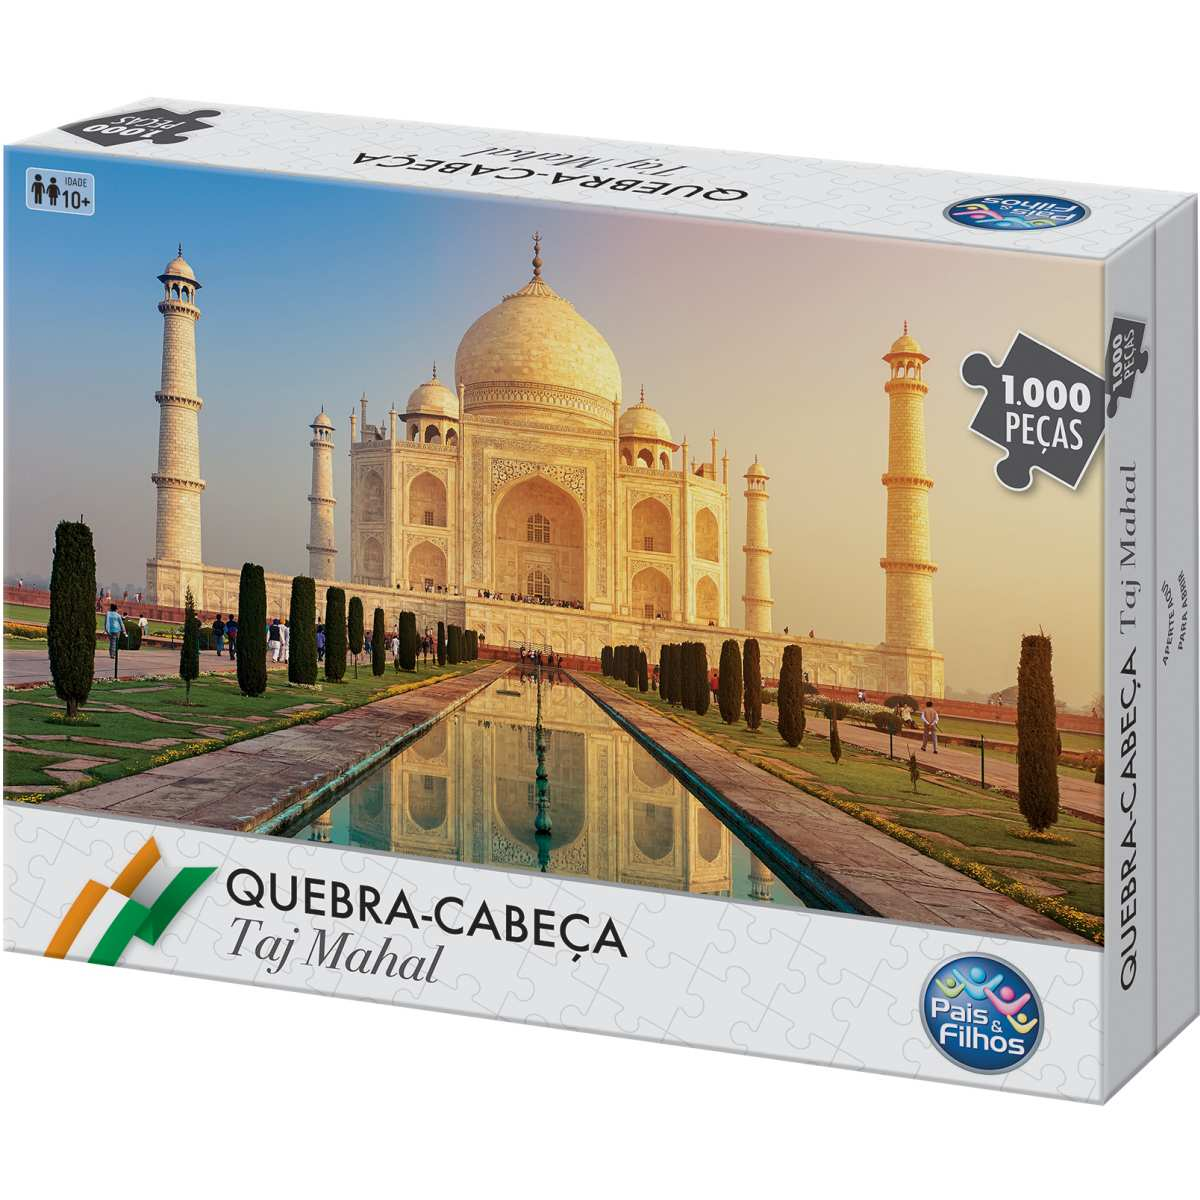 Quebra-cabeça Cartonado Taj Mahal 1000 peças - Pais E Filhos